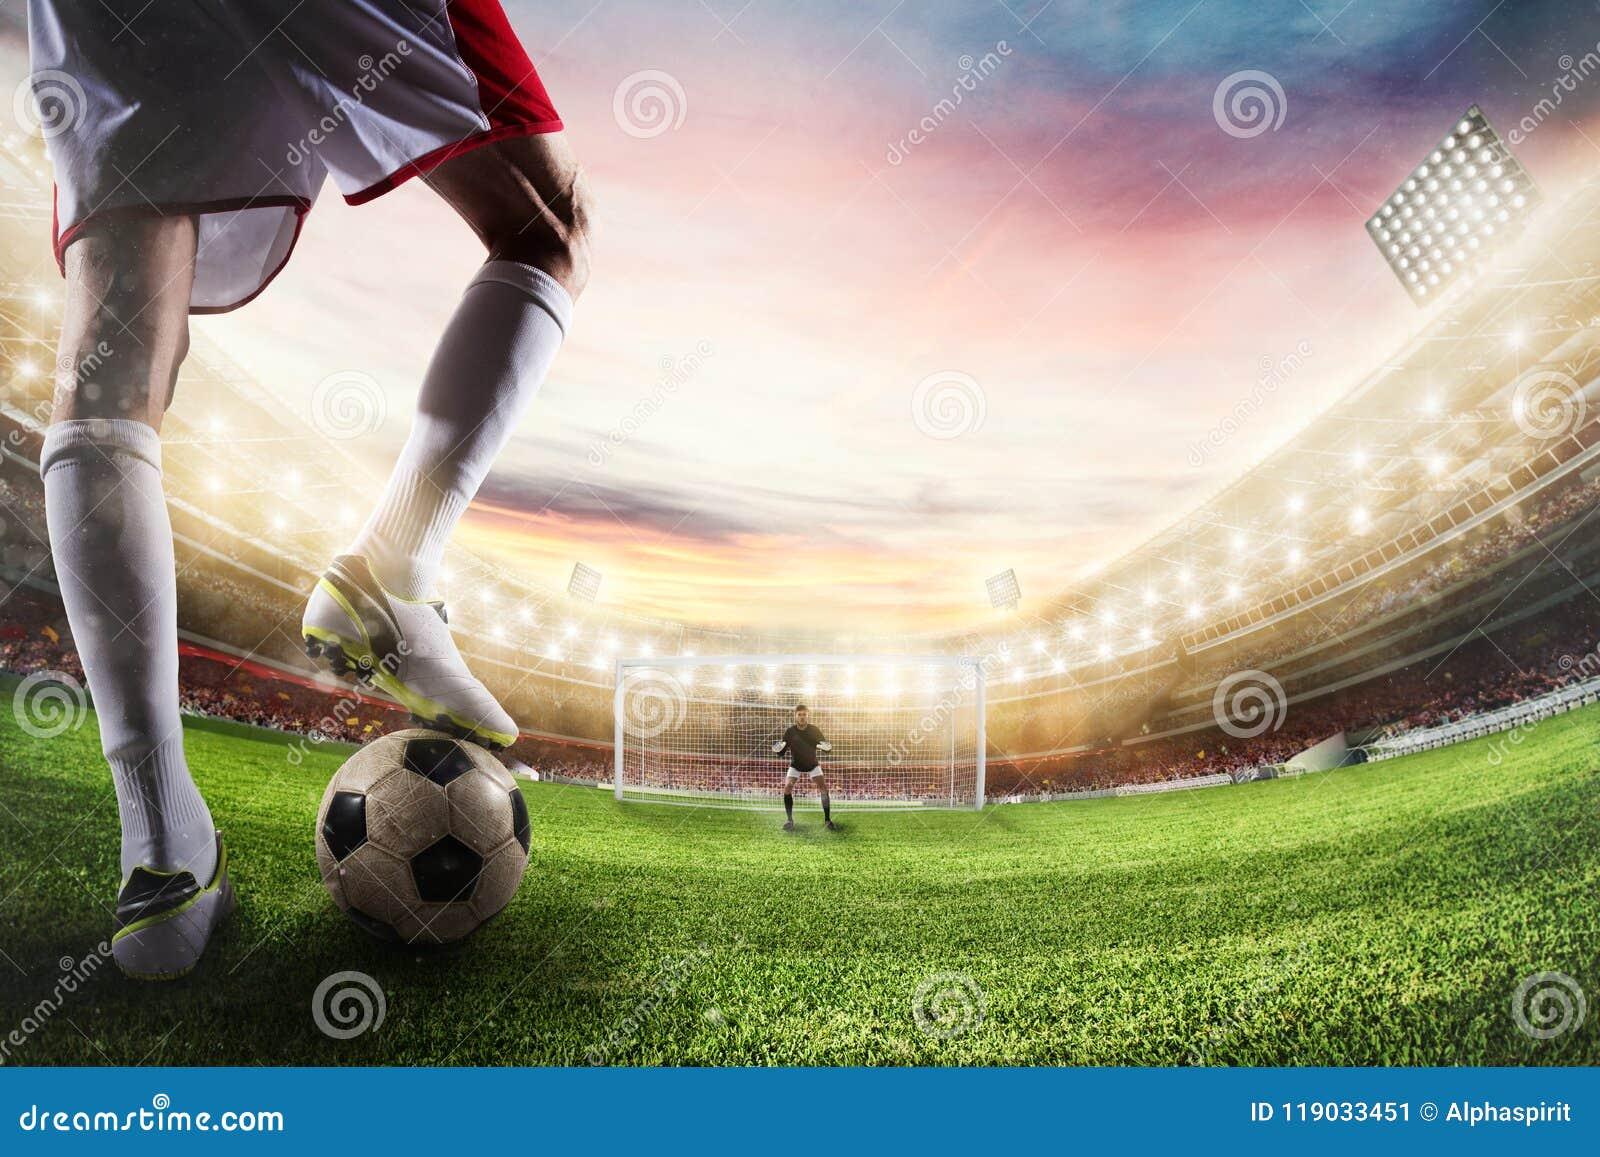 Απεργός ποδοσφαίρου έτοιμος στα λακτίσματα η σφαίρα μπροστά από τον τερματοφύλακας τρισδιάστατη απόδοση